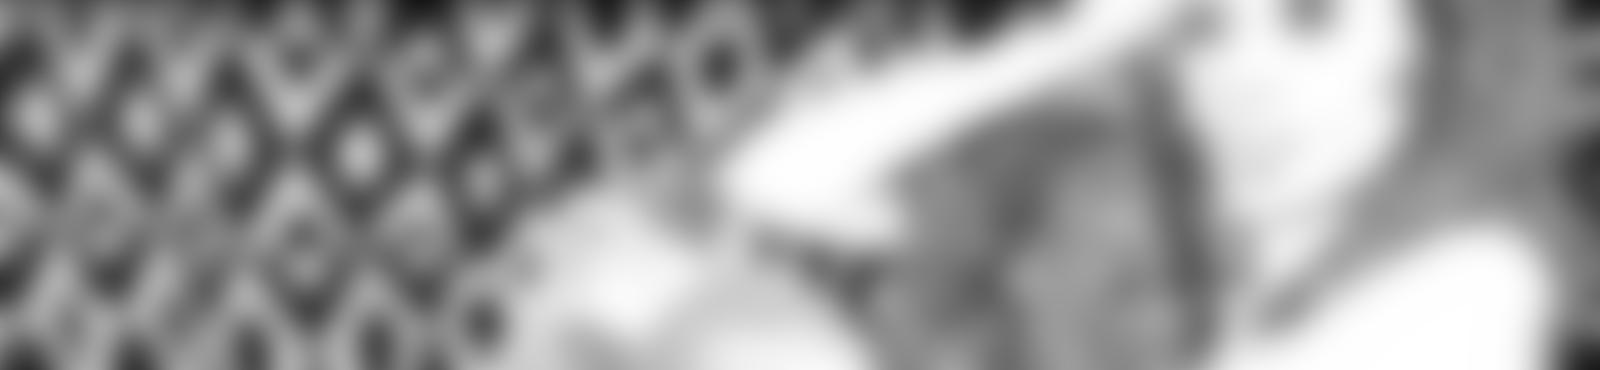 Blurred 9029f2d1 e106 4cd3 9134 667bb65273de